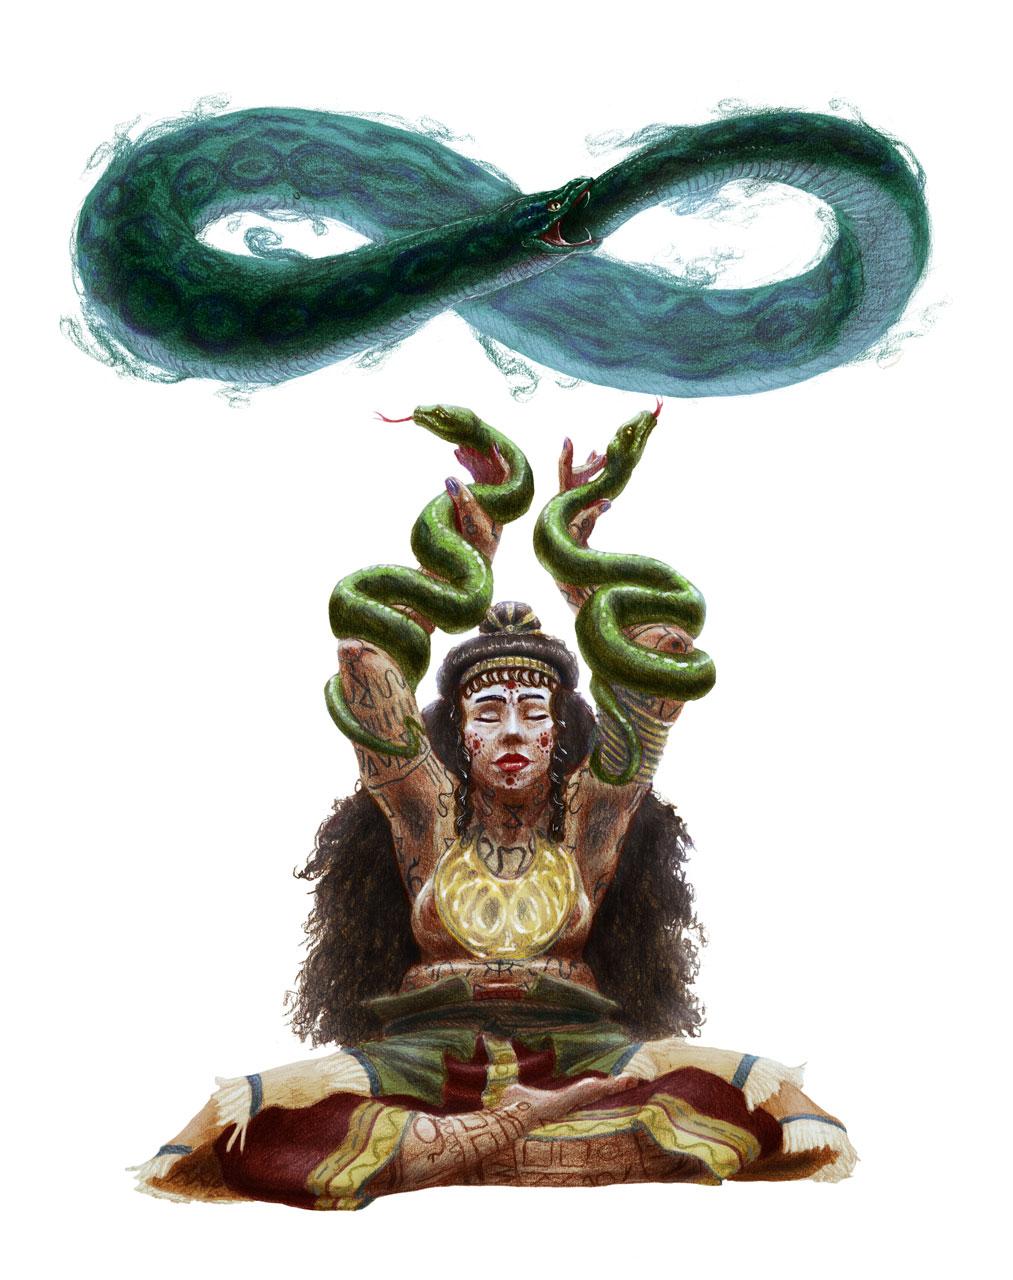 sacred-loop-snake-final-2-.jpg?t=1528186